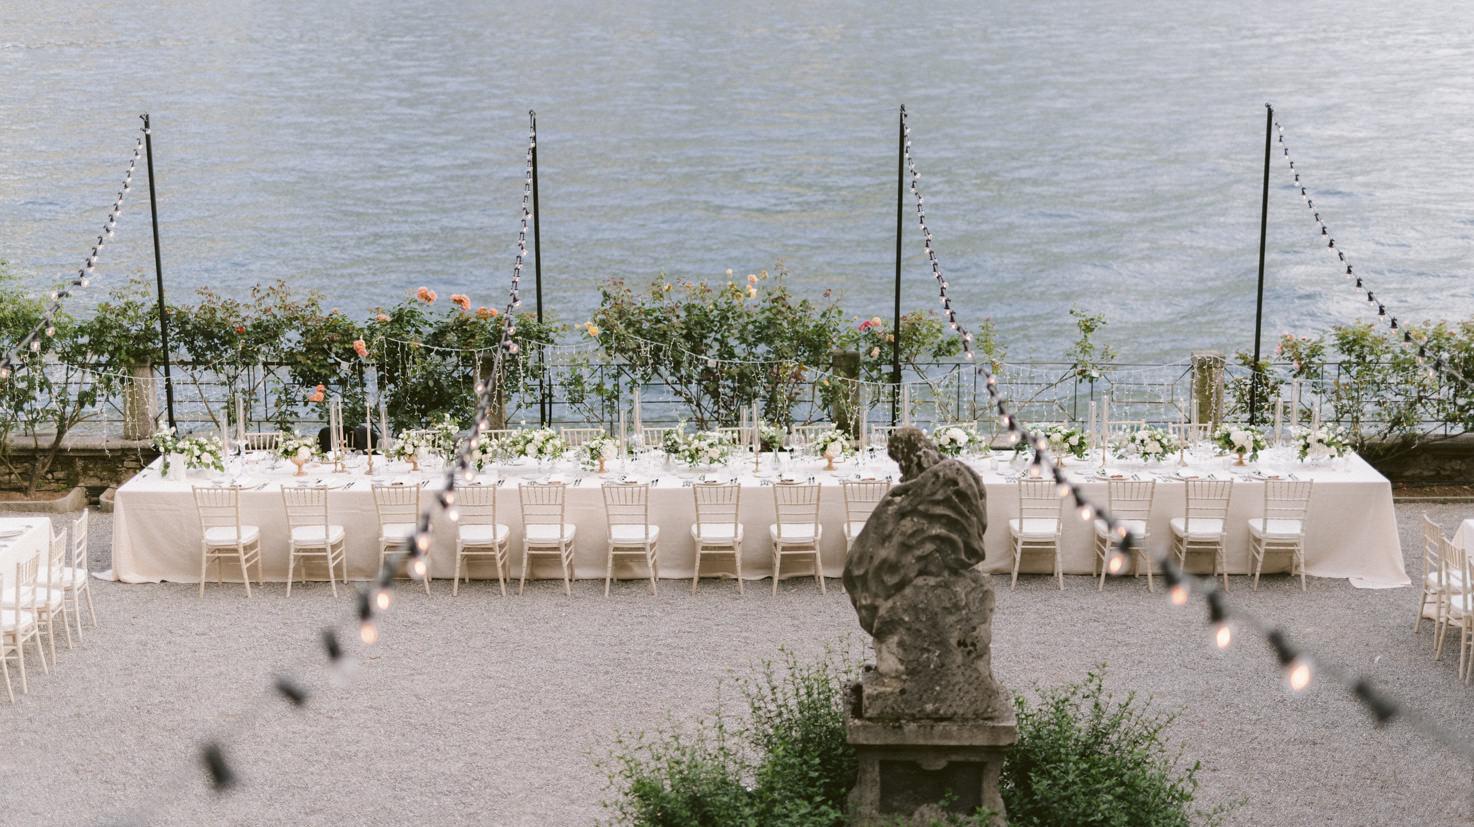 Wedding banquet at Villa Pizzo